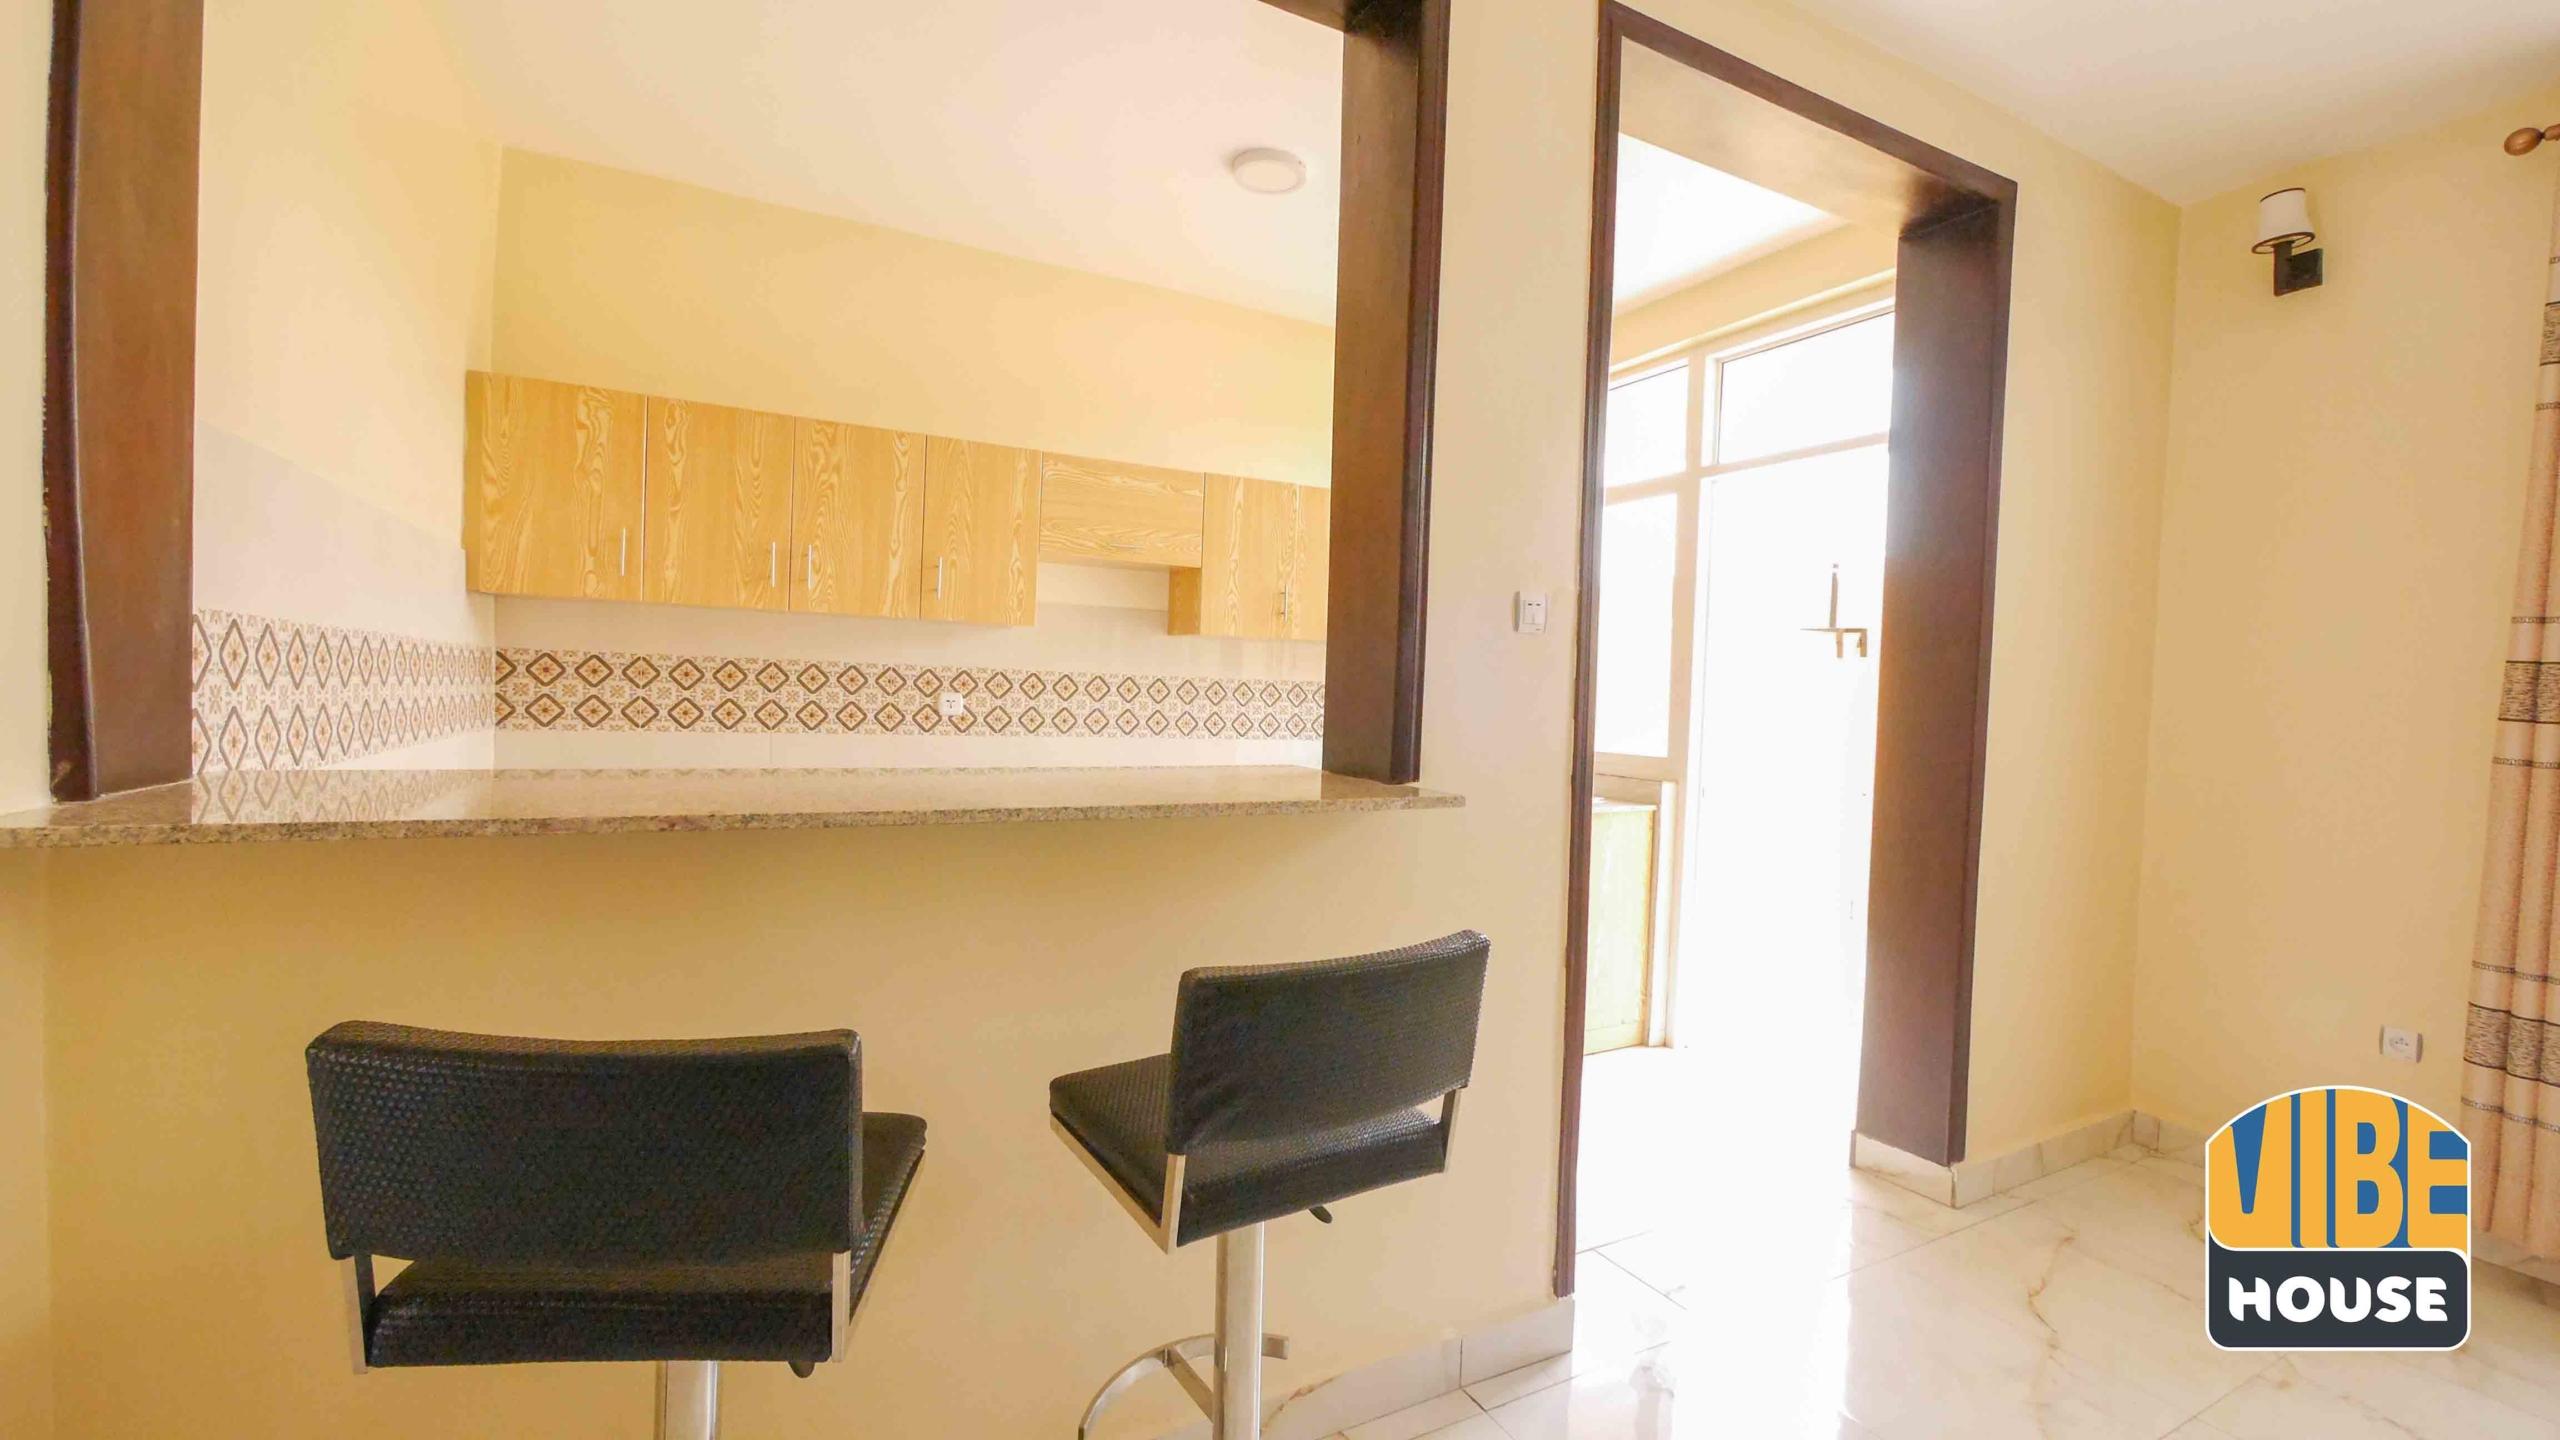 House For Sale Kigali Nyarutarama 19 04 30 3 8 scaled